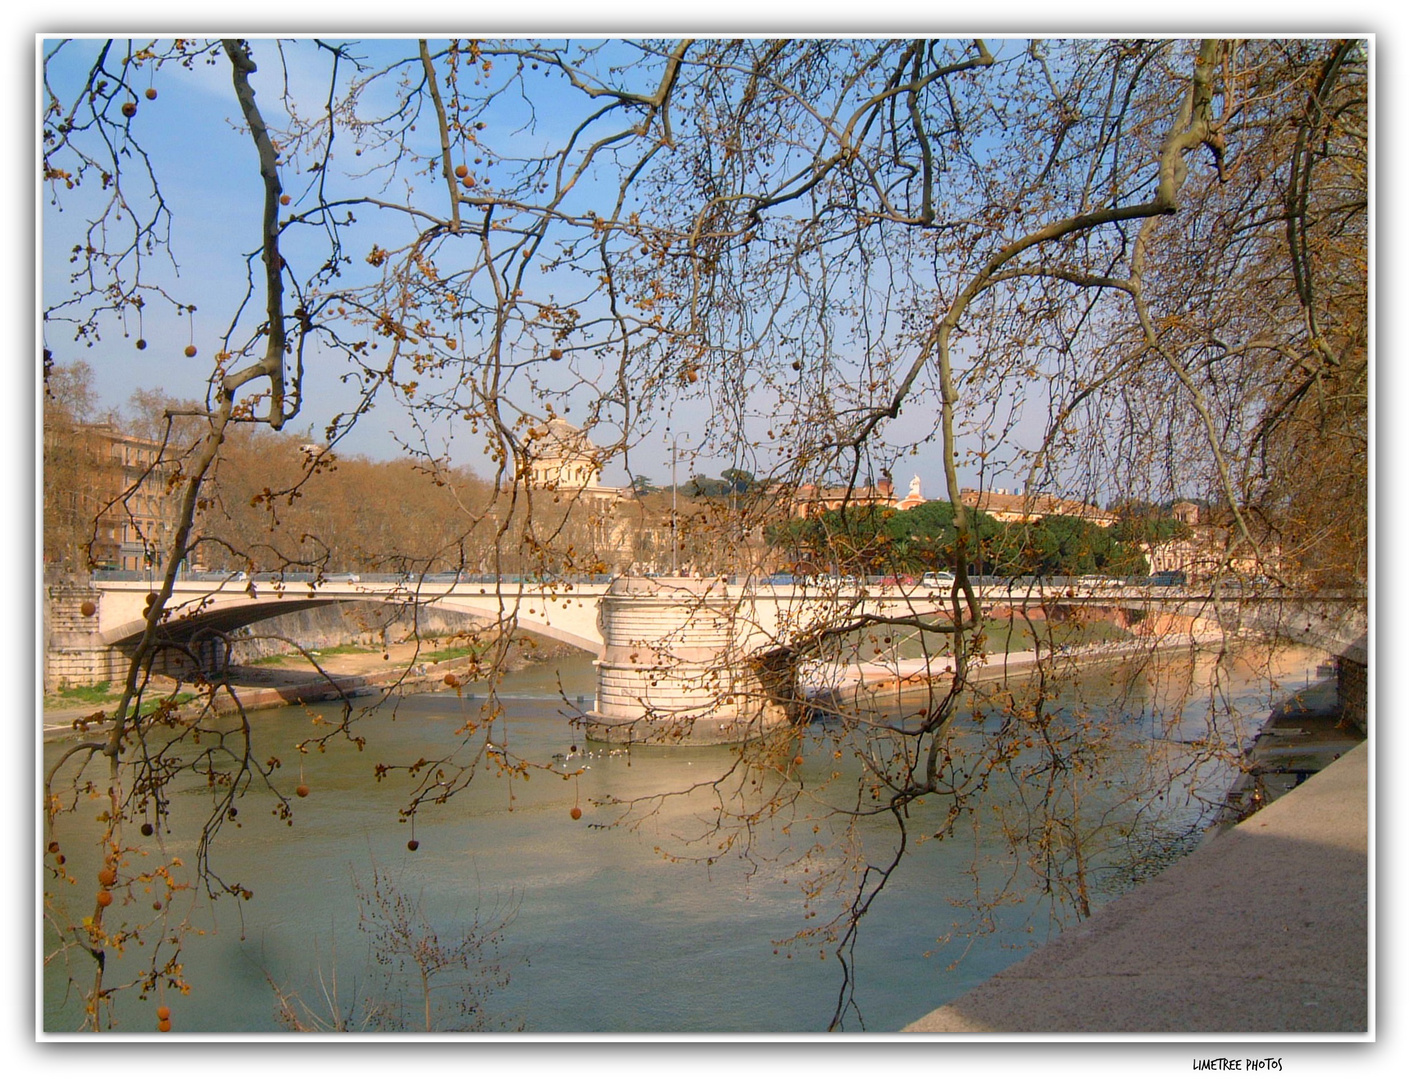 Fiume Tevere in Spring (2)